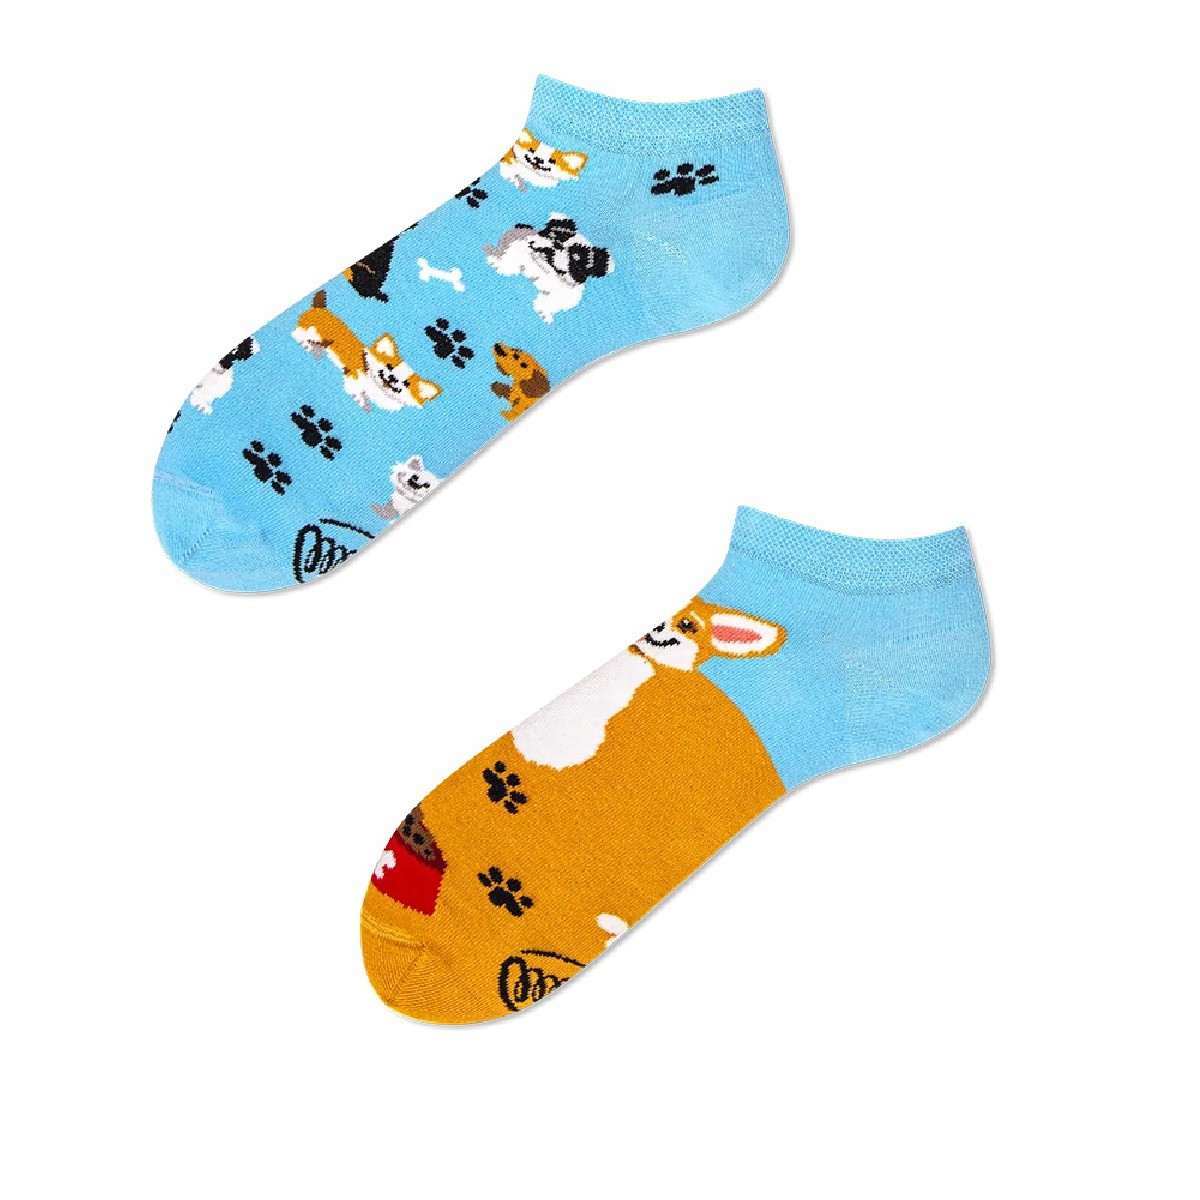 Barevné ponožky PLAYFUL DOG LOW psi stopy 39-42 nízké megamix.shop